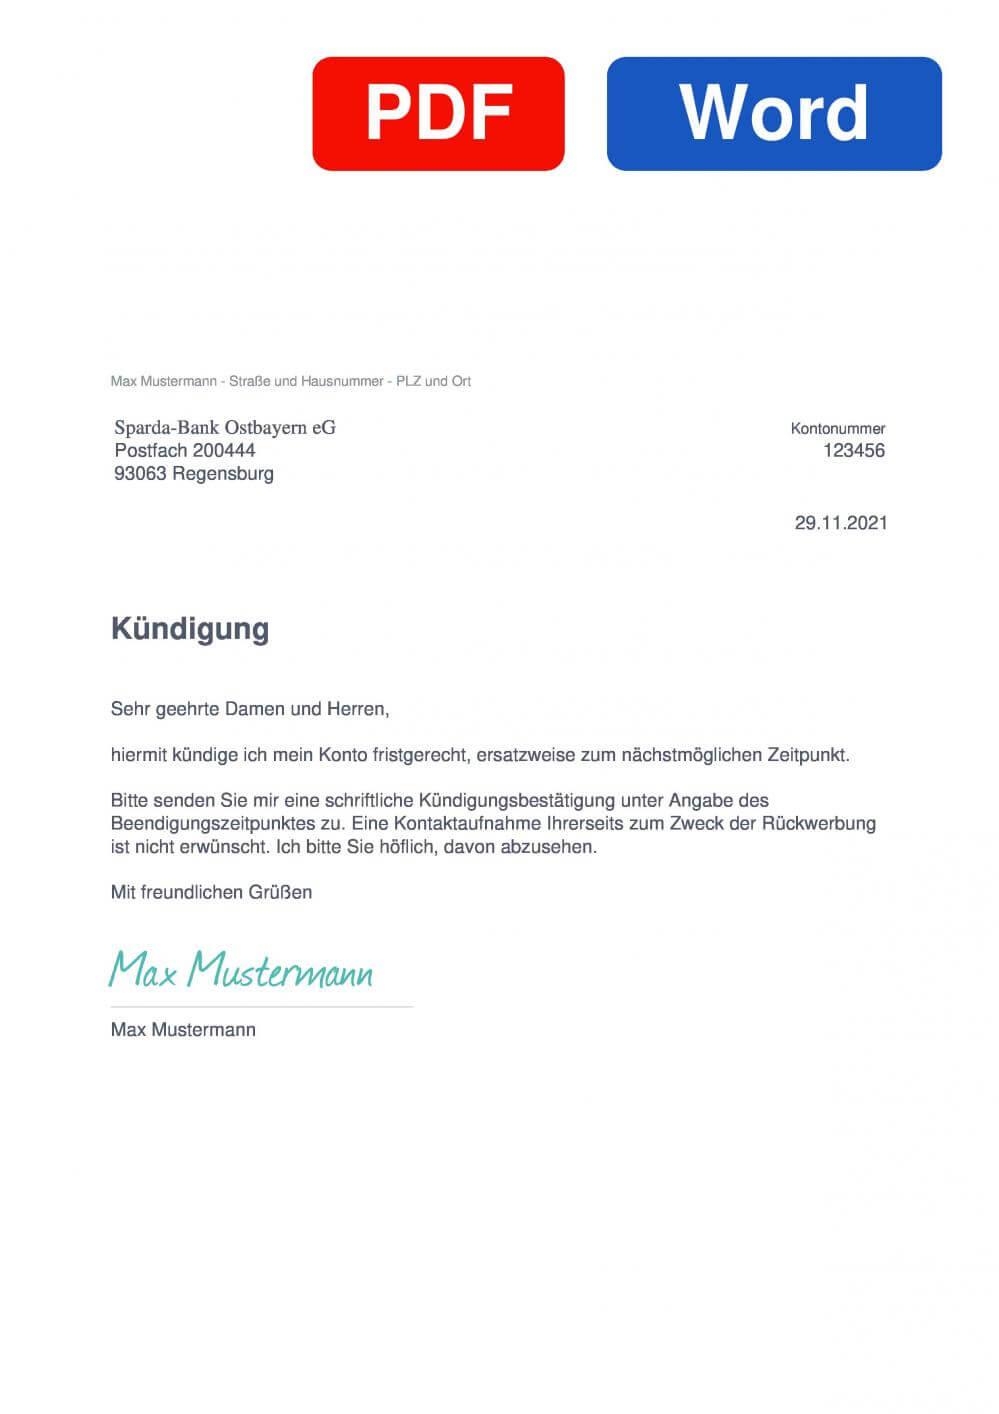 Sparda-Bank Ostbayern Muster Vorlage für Kündigungsschreiben